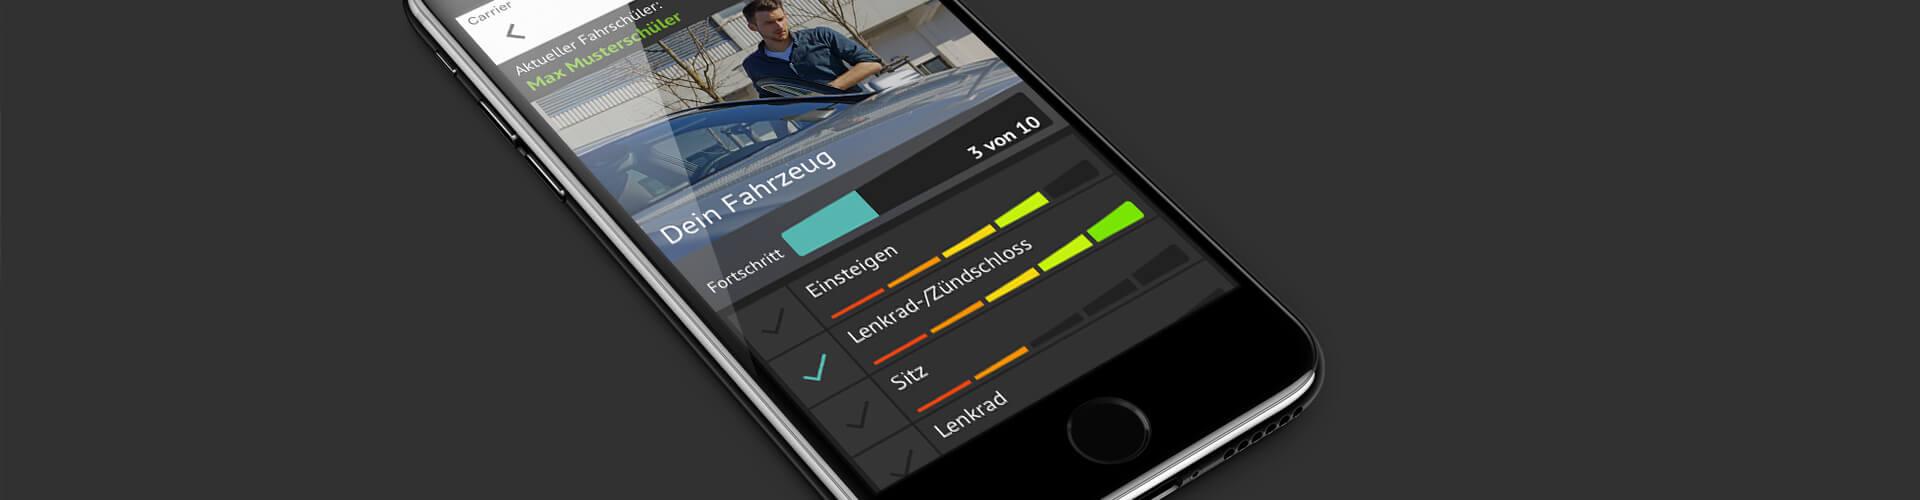 Abibaro App auf iPhone